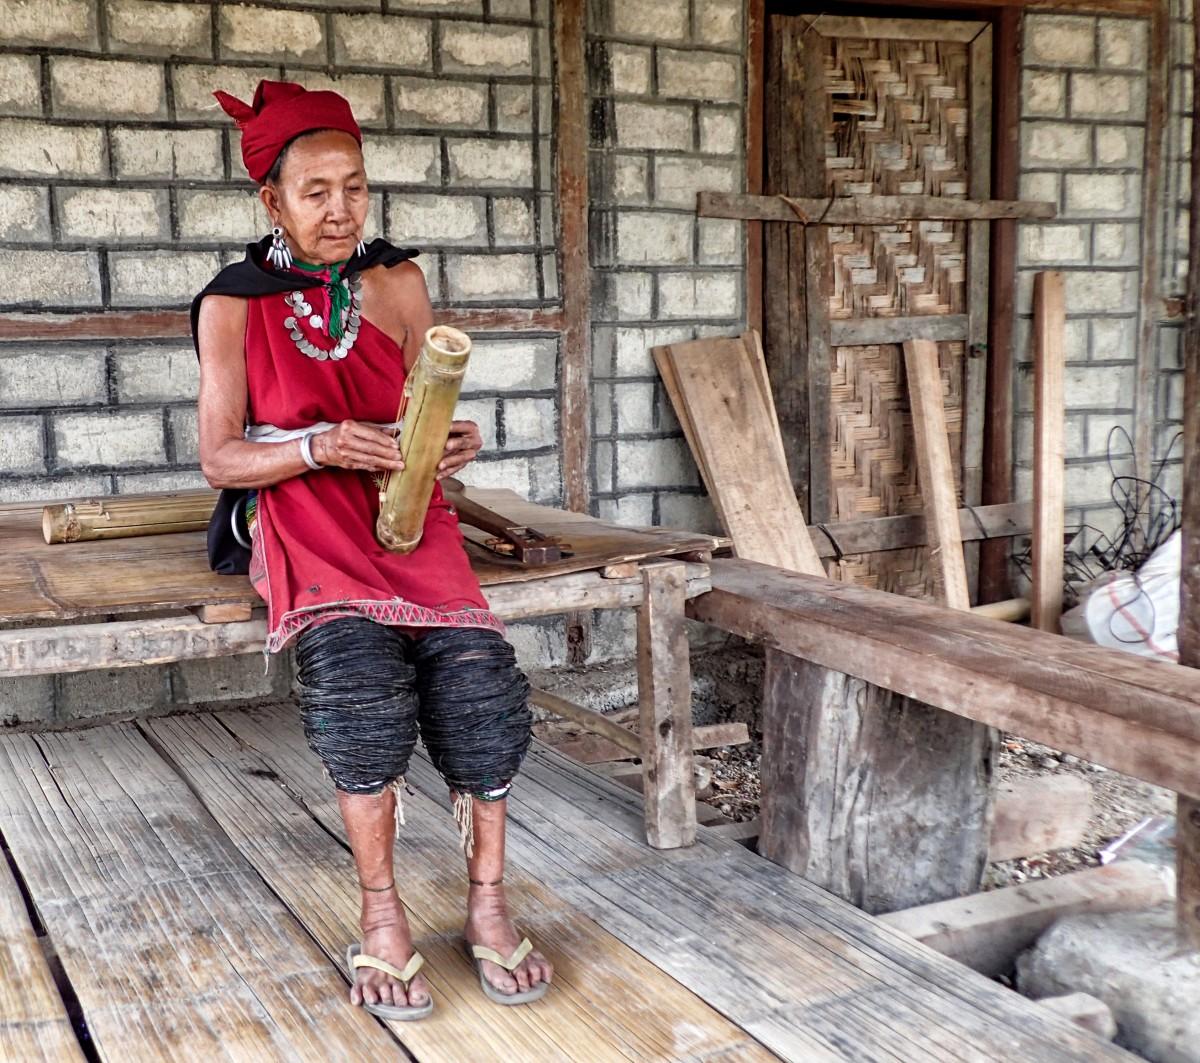 Zdjęcia: w pobliżu wiosek Ka Yah, stan Kaja, Ka Yah ze sznurkami zamiast obrączki - zdjęcie poglądowe ;), MYANMAR